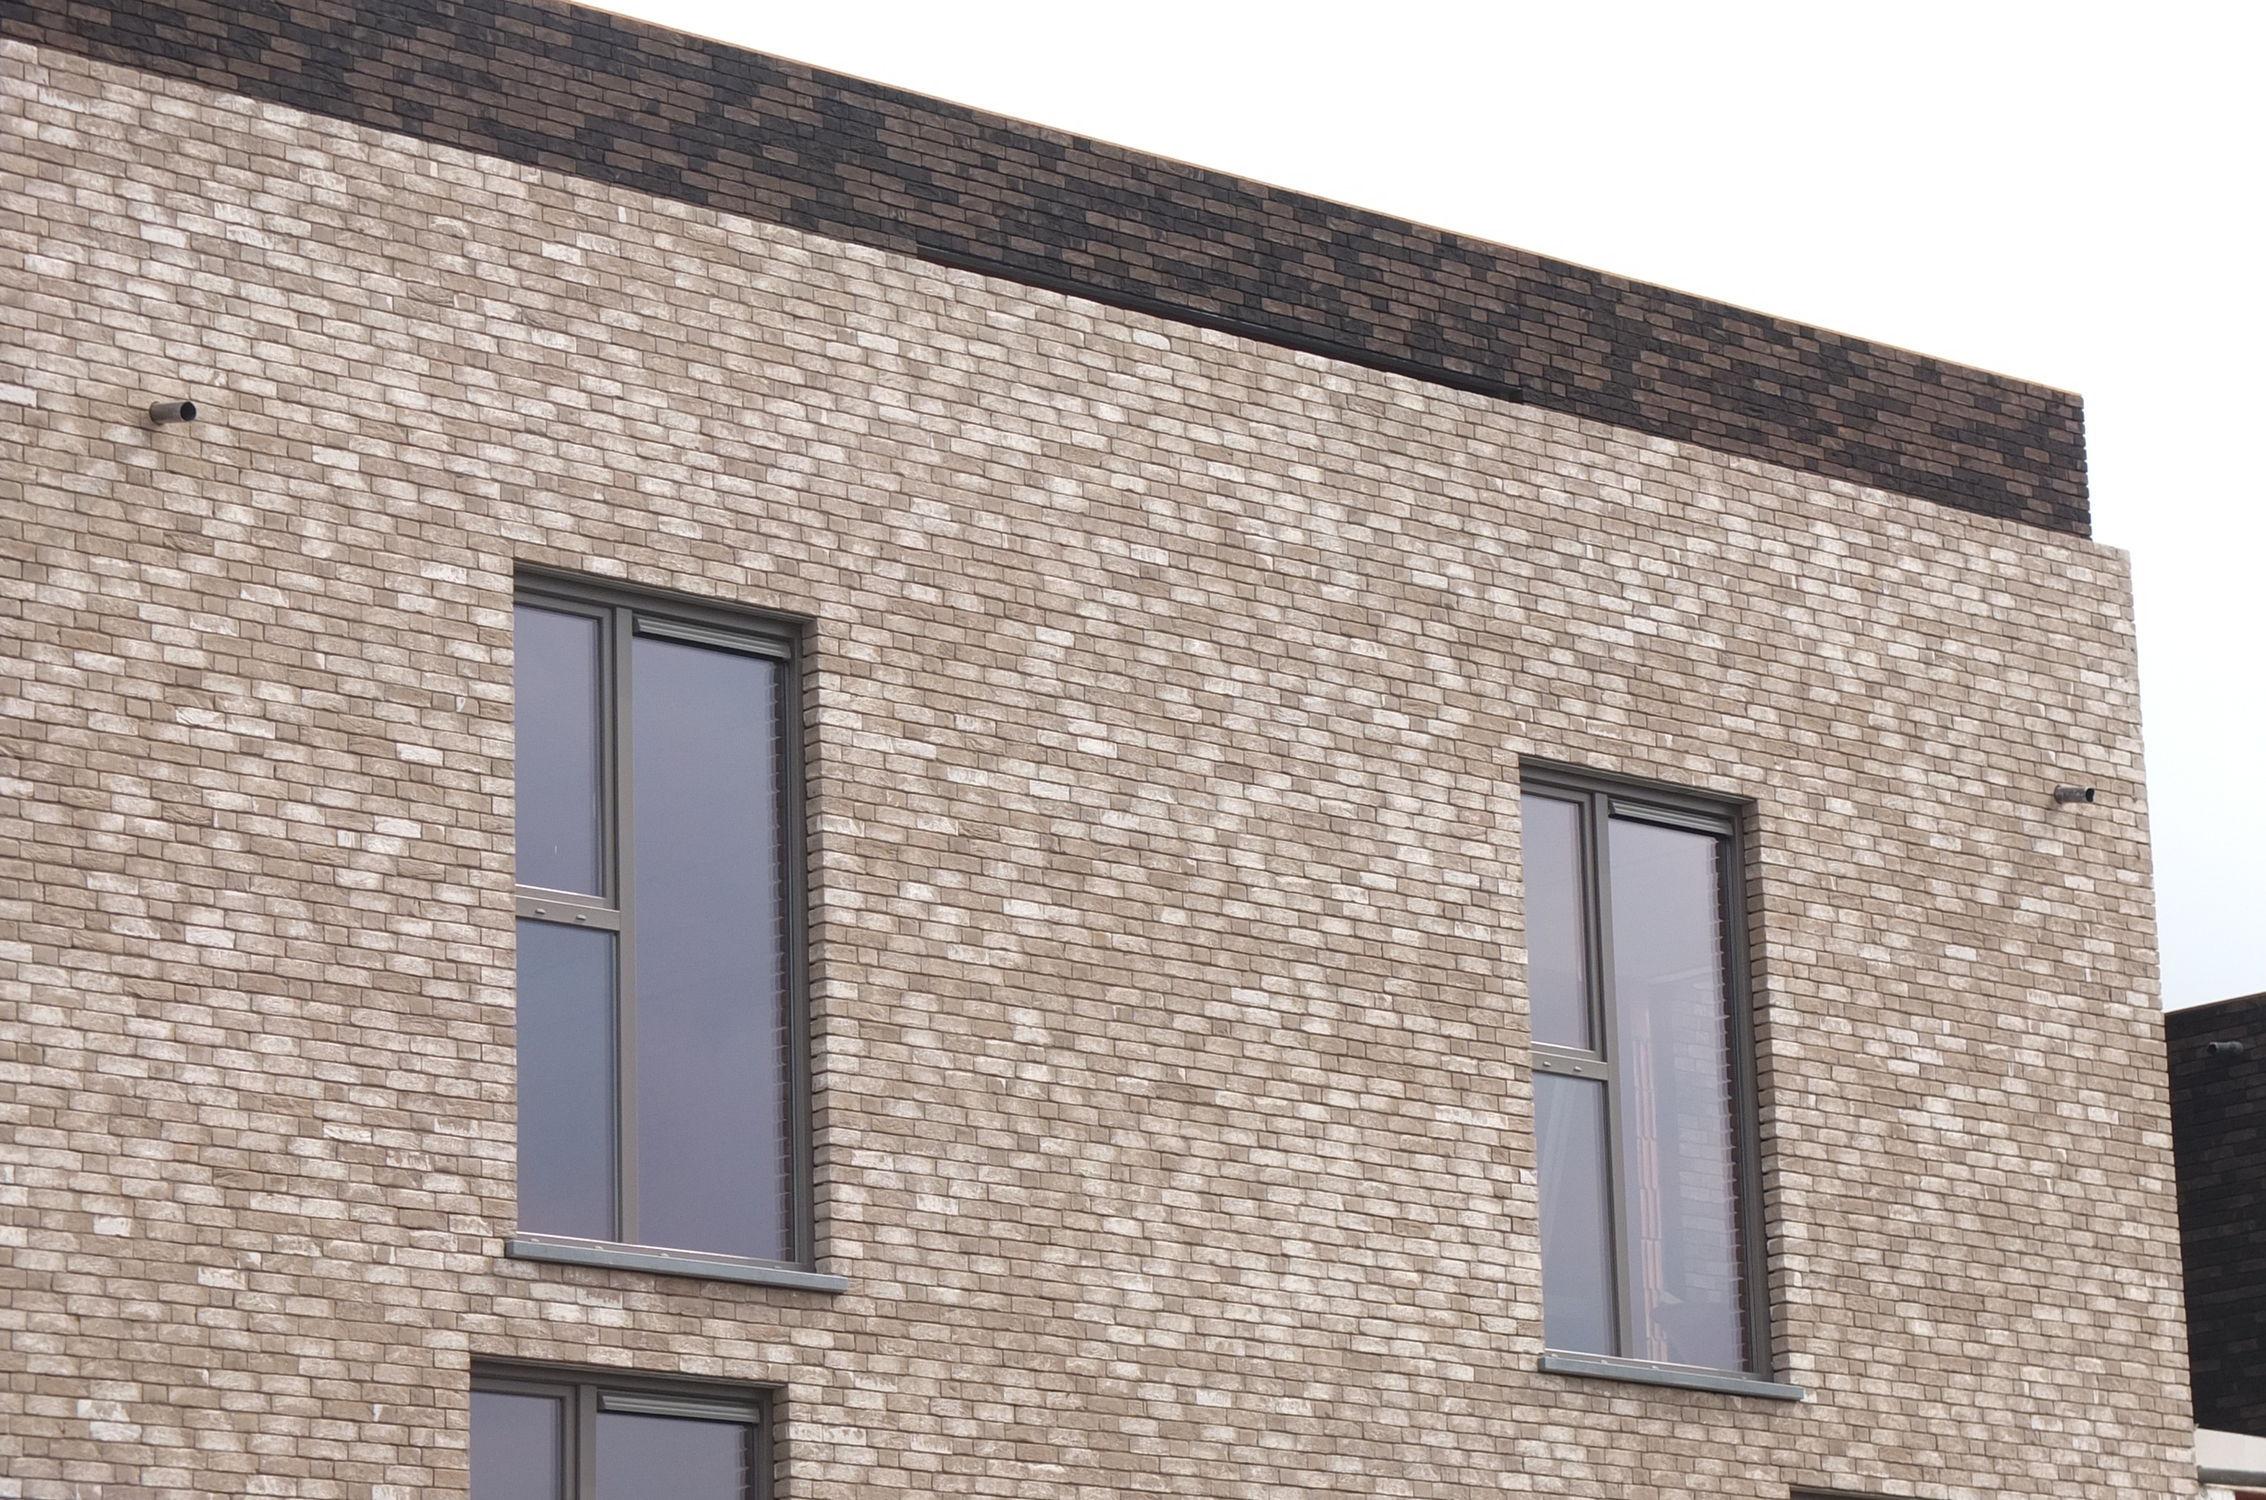 Riemchen Fur Fassaden Grau Handgefertigt Zola Nelissen Bricks